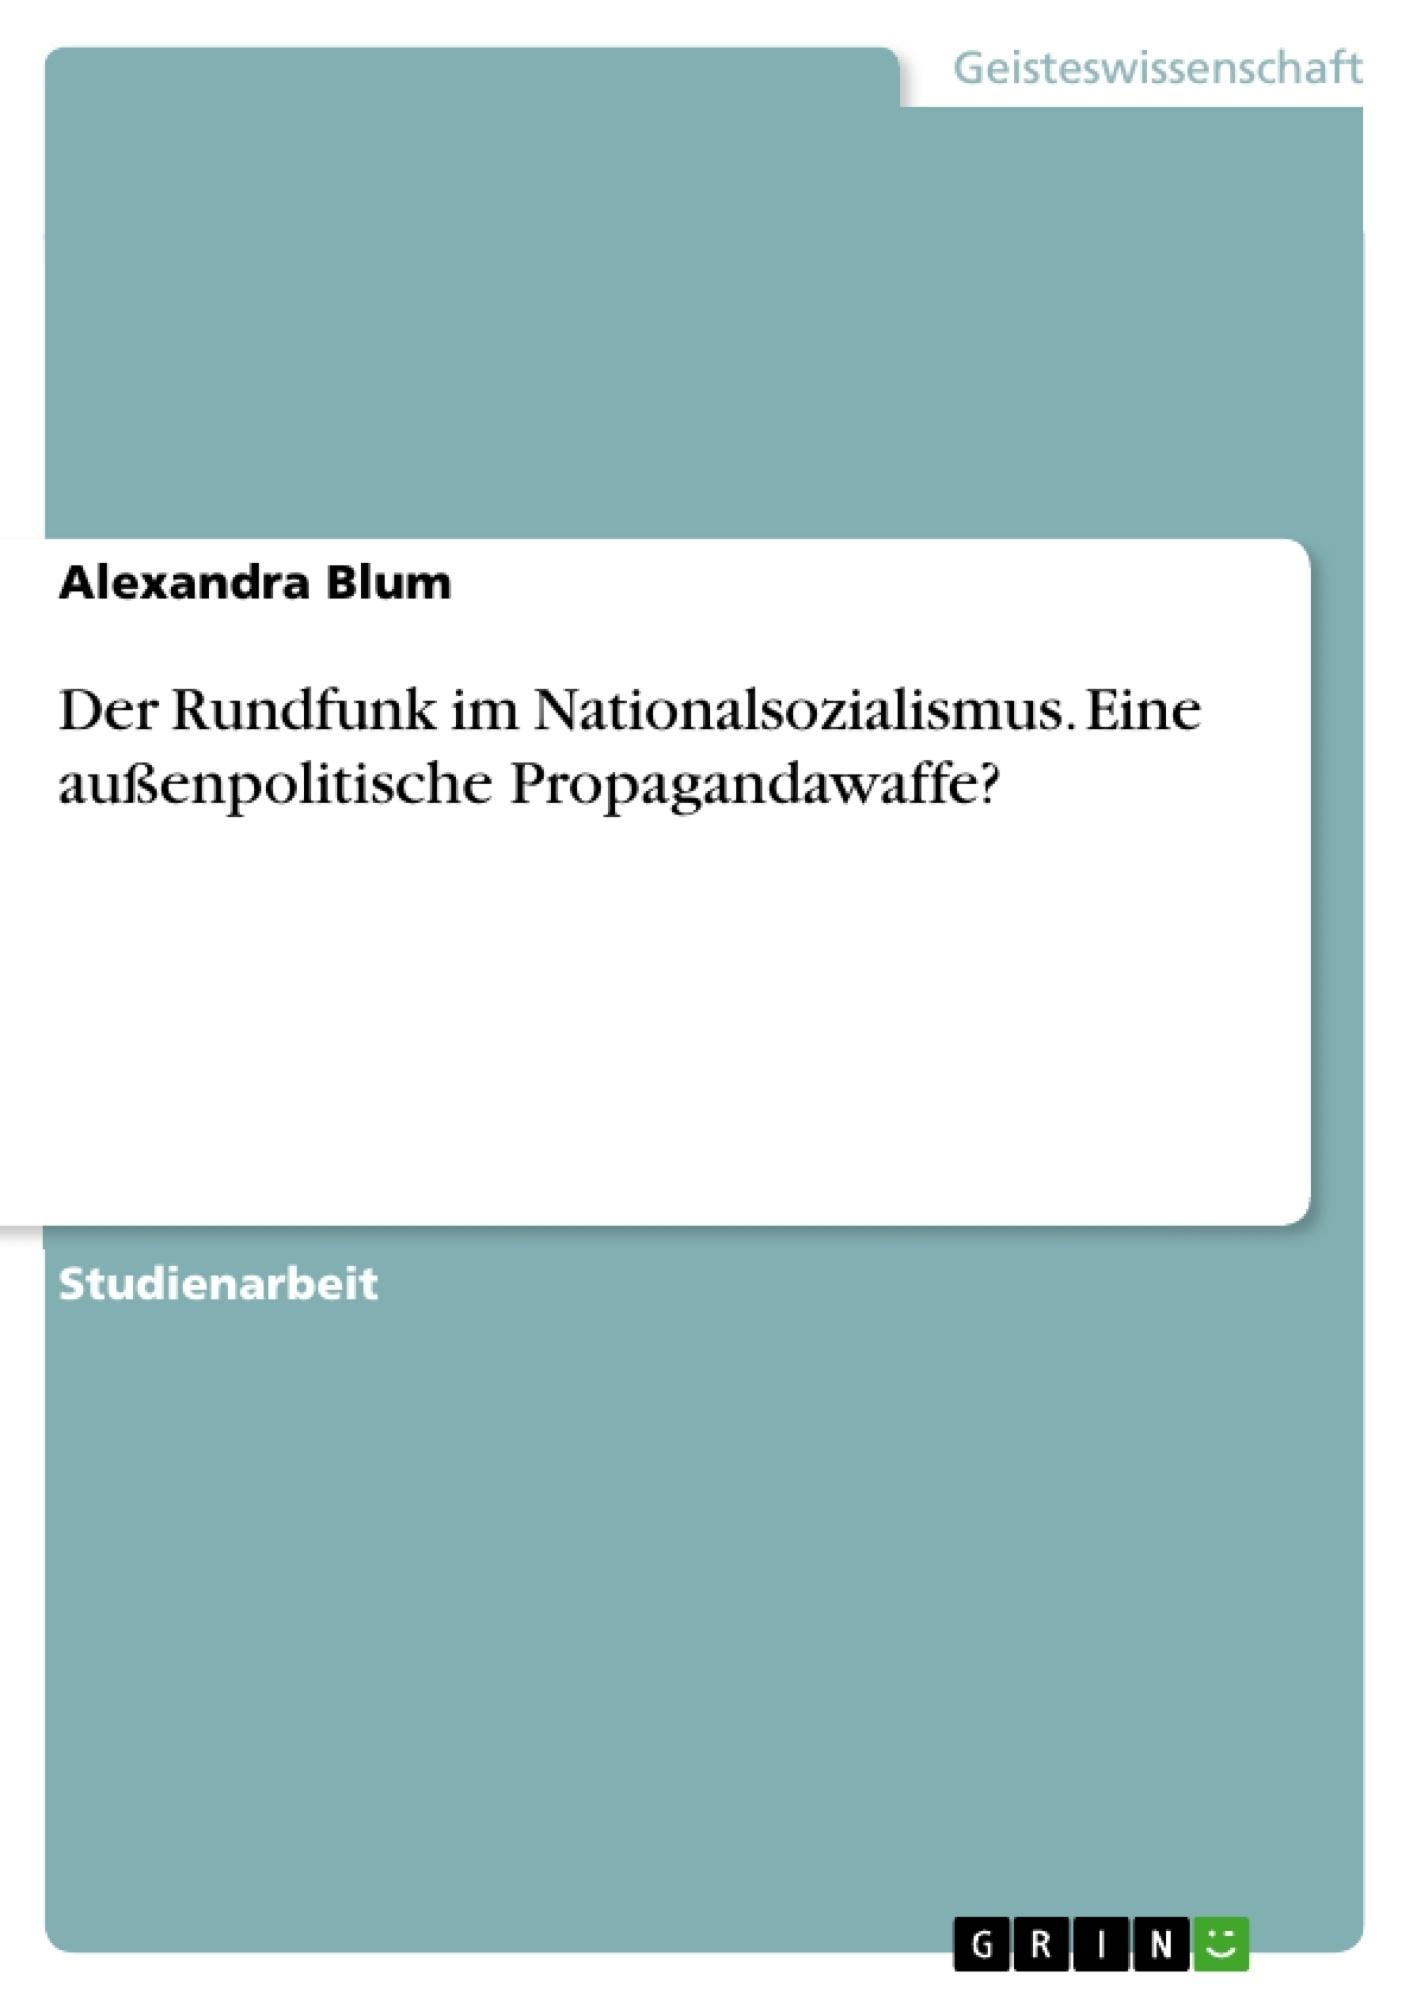 Titel: Der Rundfunk im Nationalsozialismus. Eine außenpolitische Propagandawaffe?